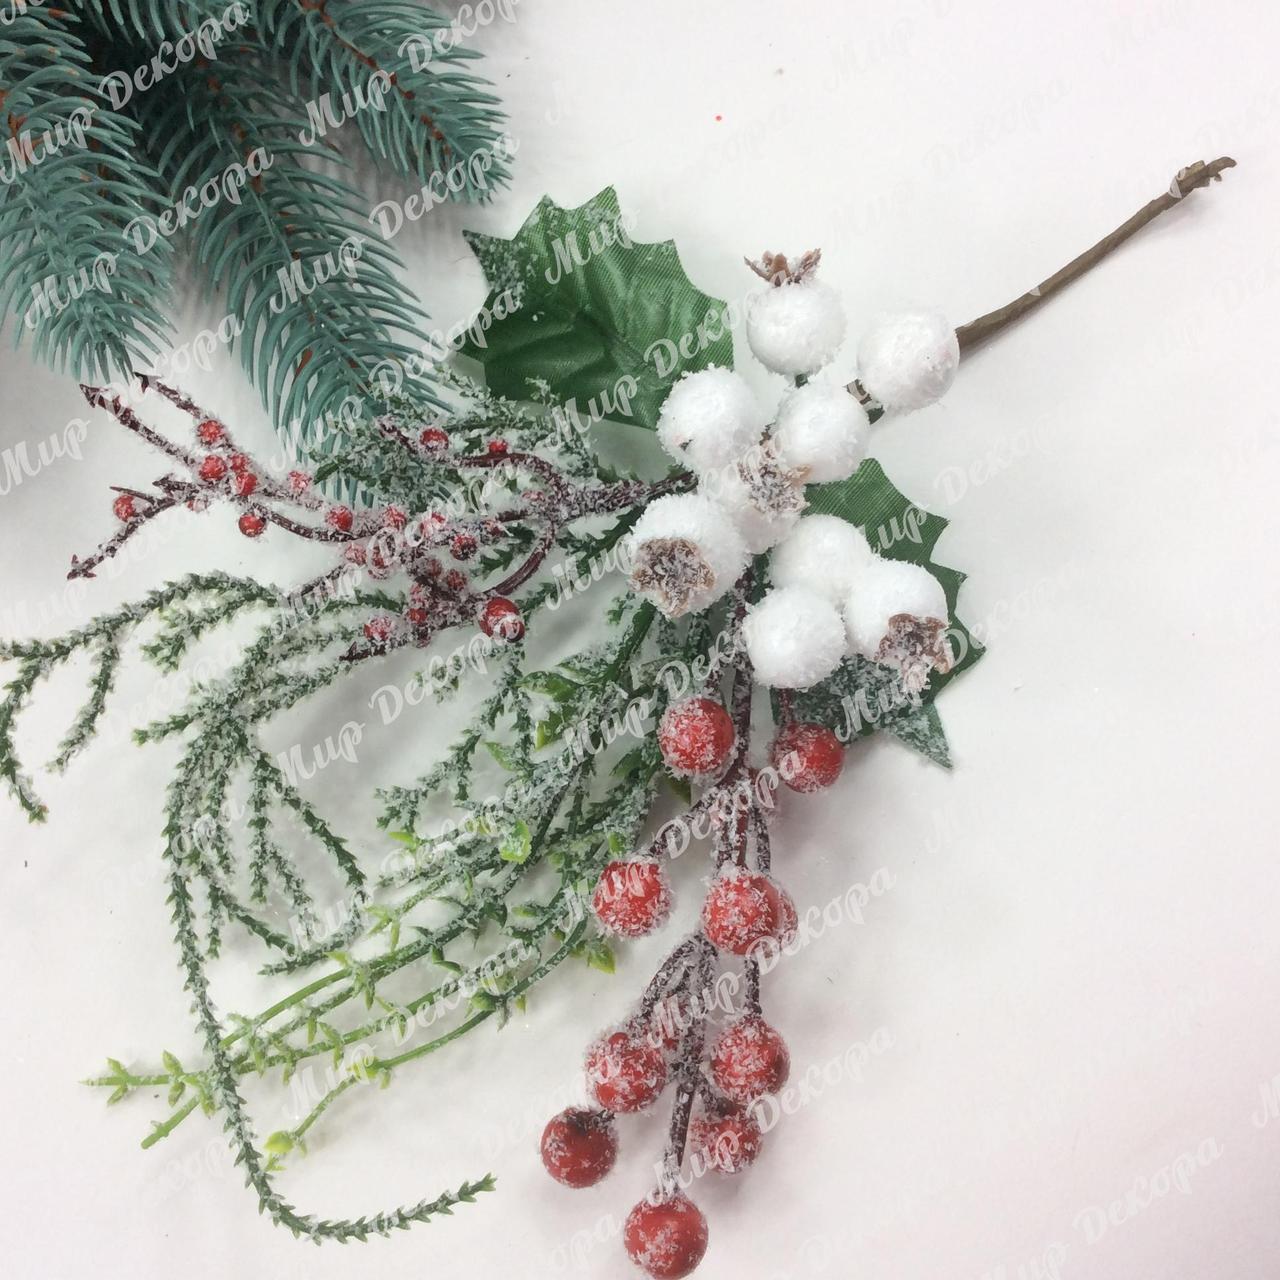 Новогоднее украшение Веточка с заснеженными ягодами